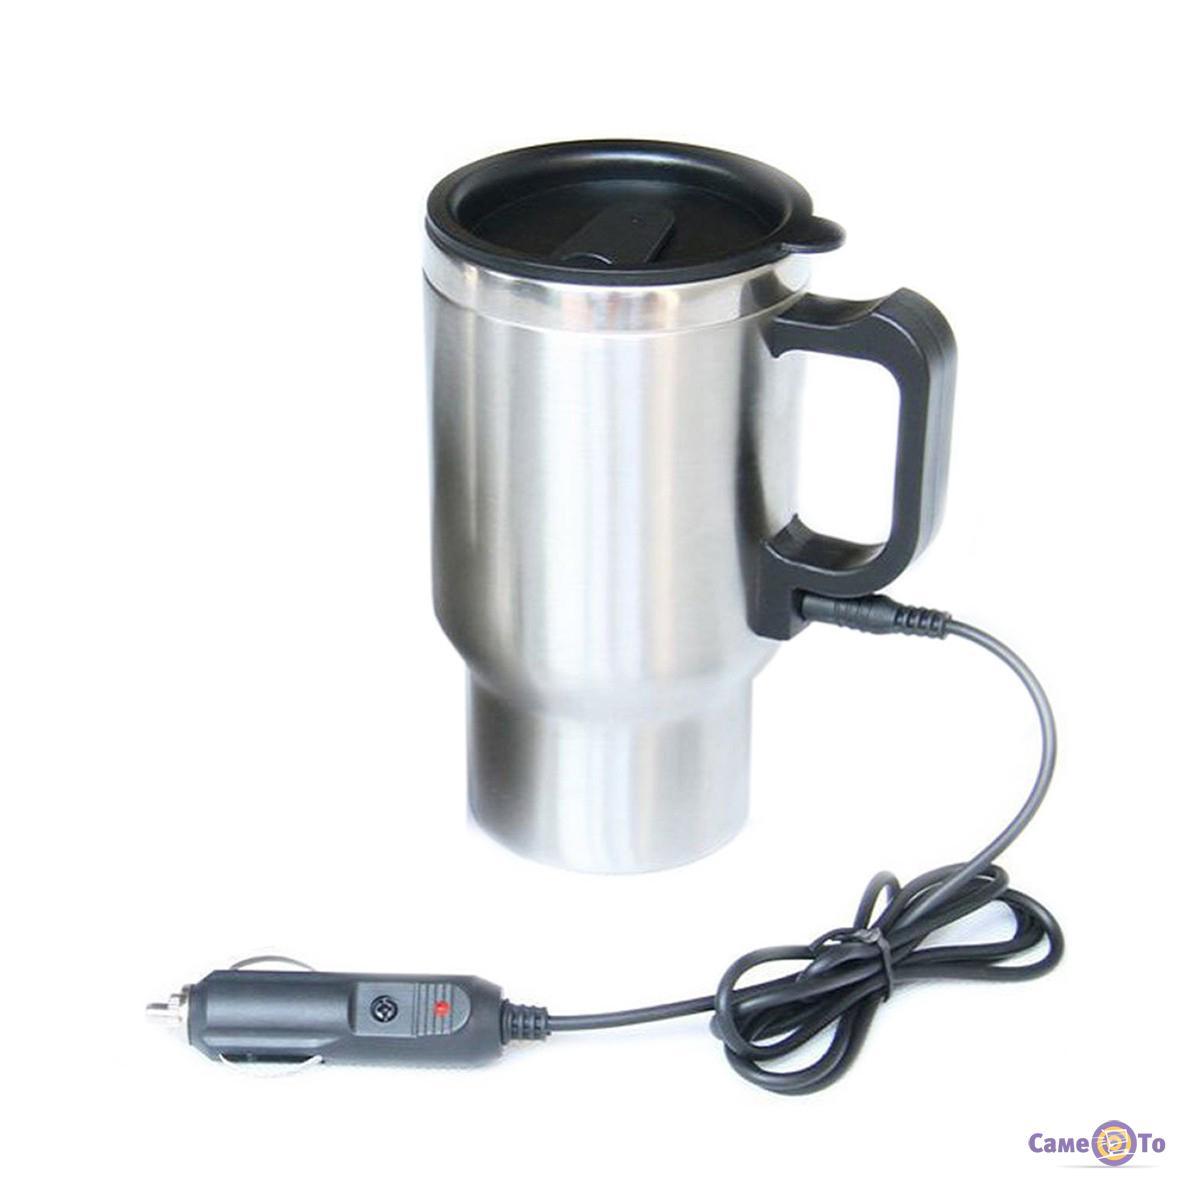 Чайник-кружка для автомобиля Electric Mug, 350 мл